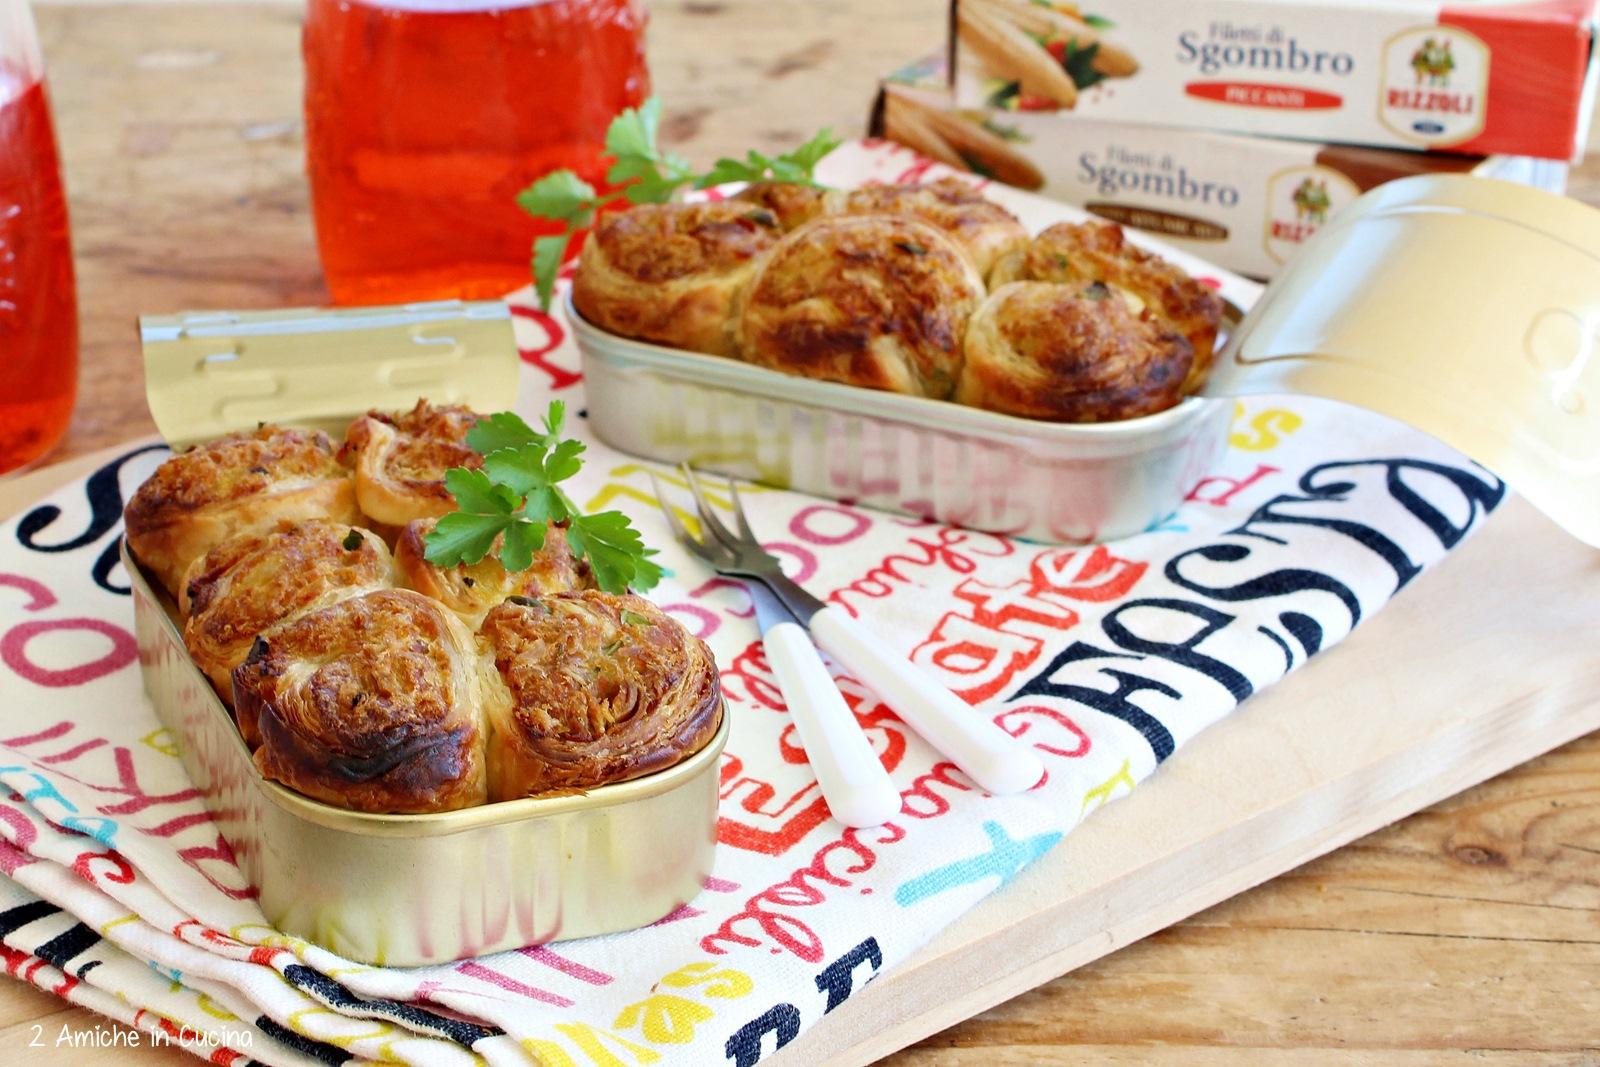 Sgombro e patate in sfoglia